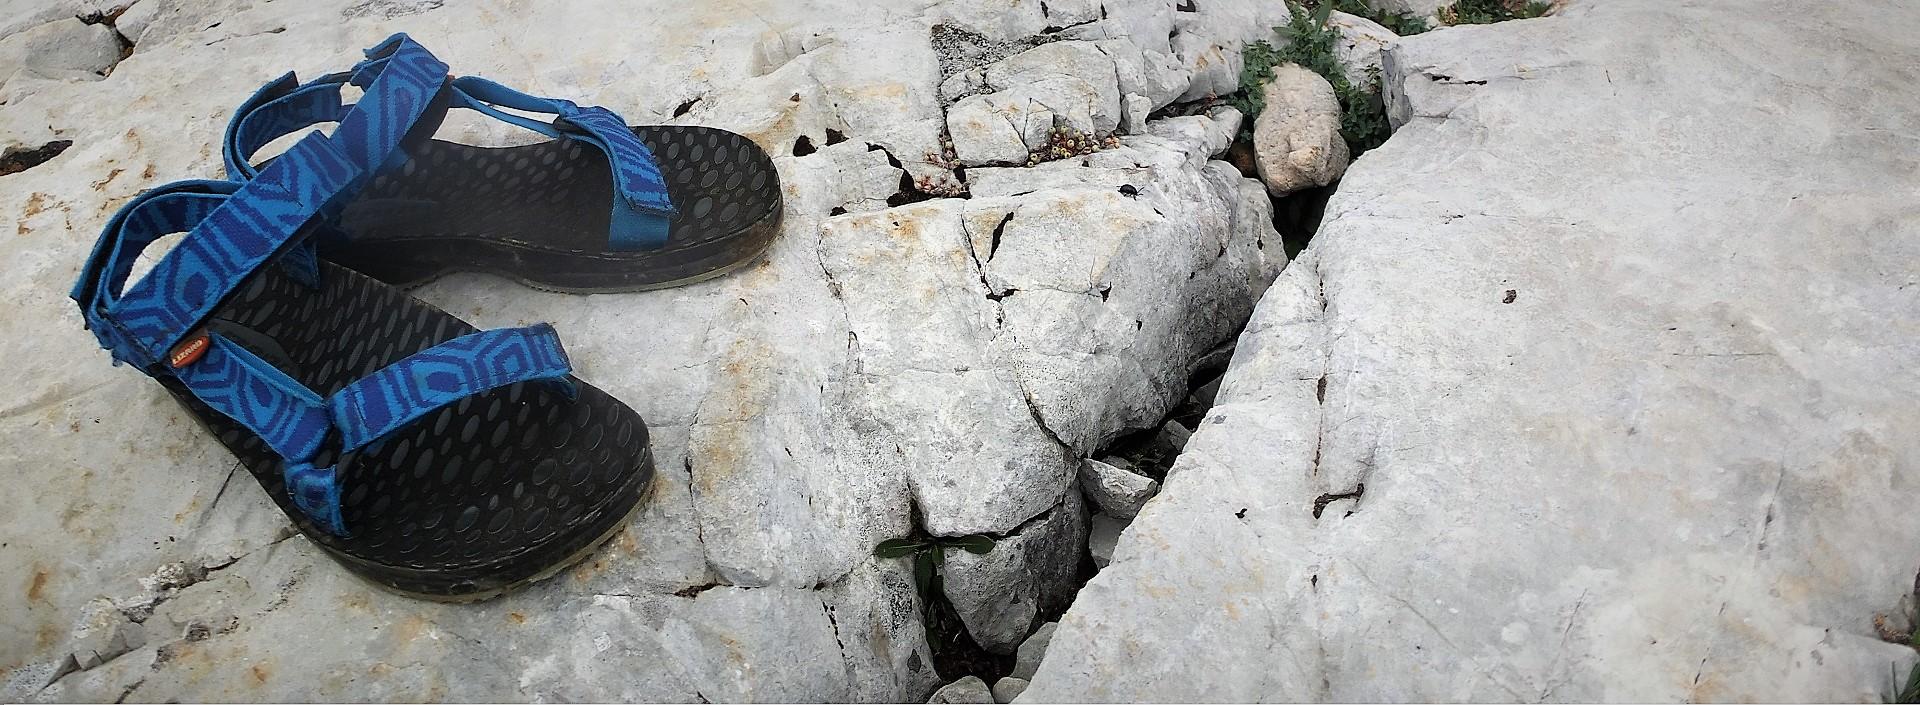 Ranking sandałów turystycznych blog Skalnik